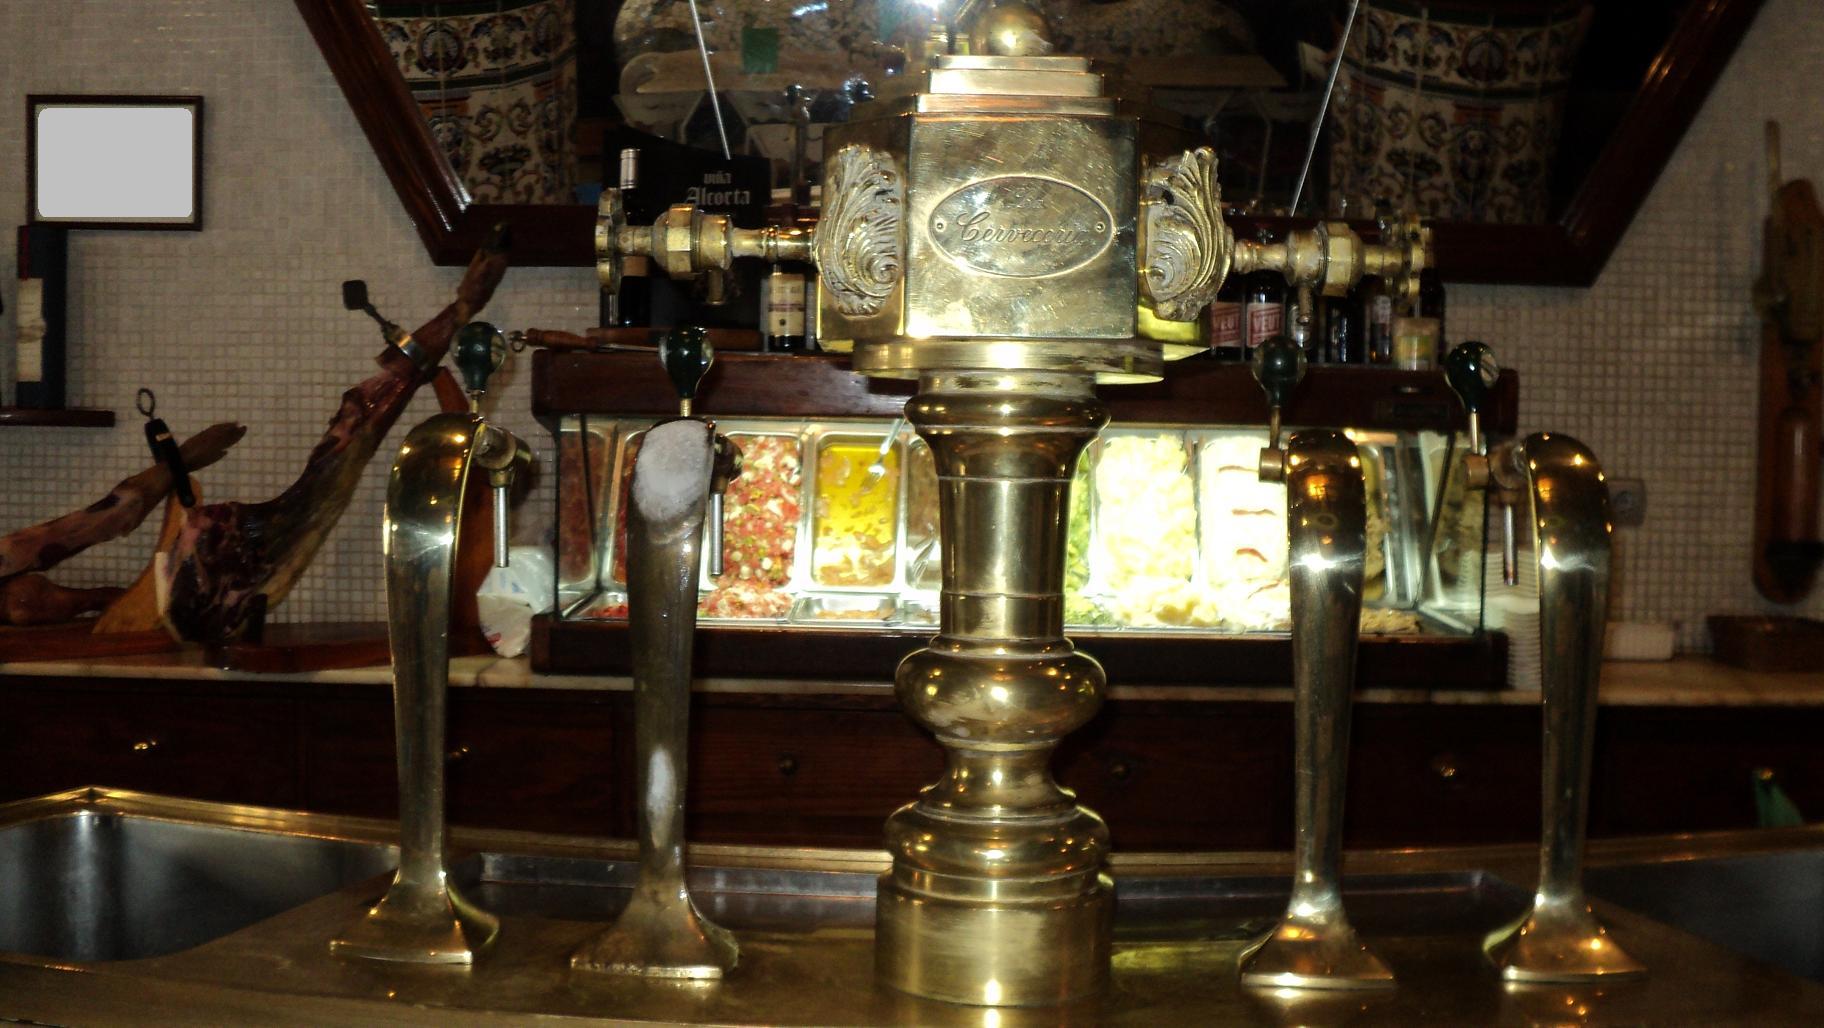 Grifo de cerveza el alminar de melilla for Grifos antiguos de pared